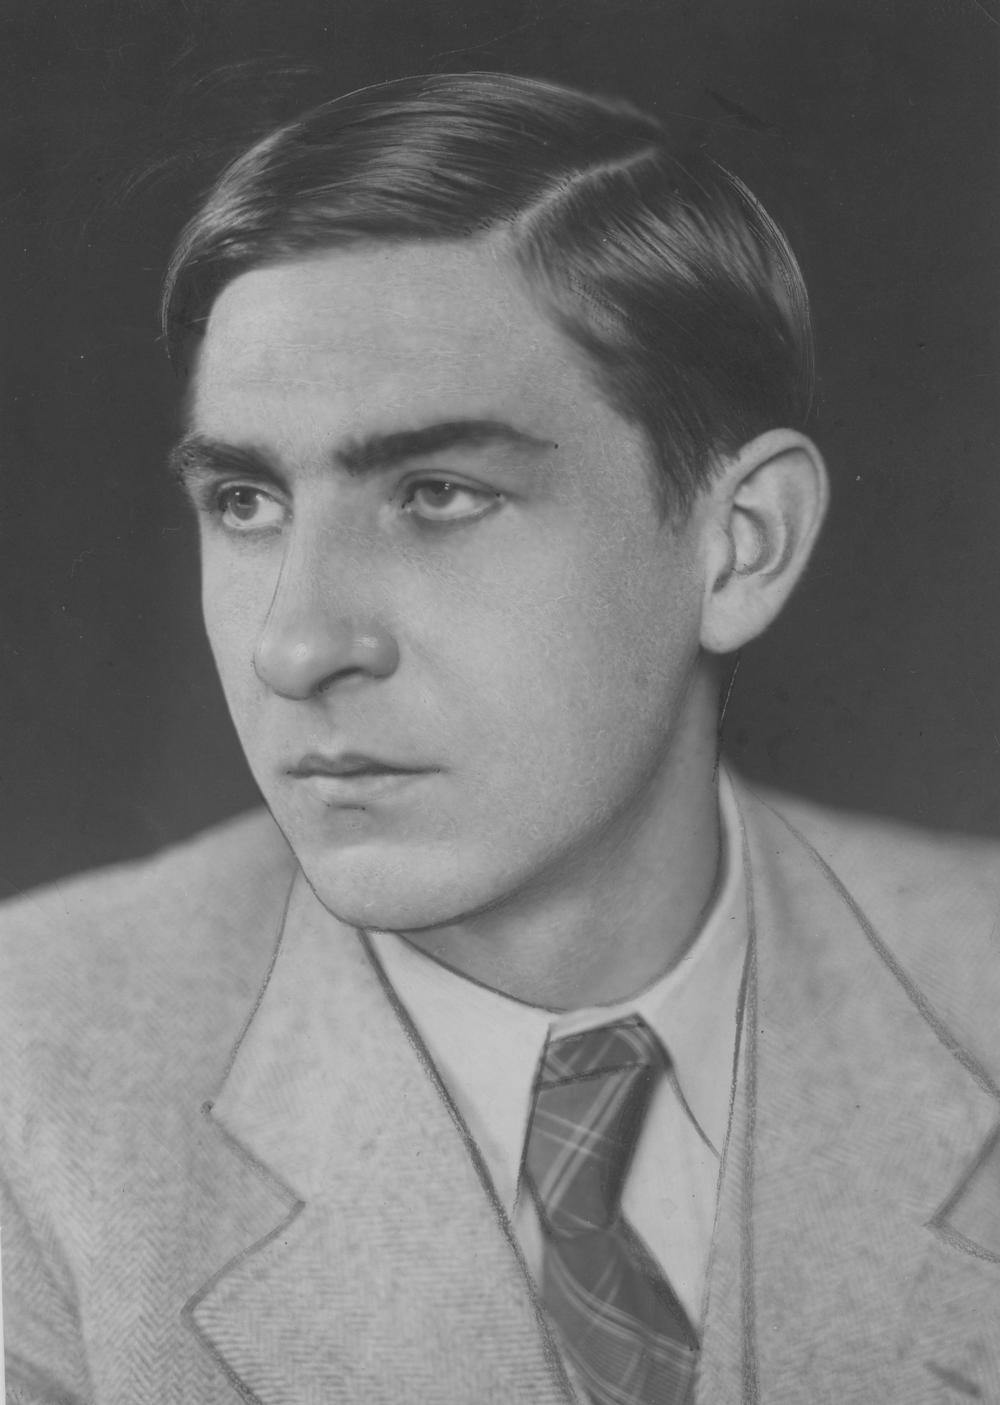 Potwierdzenie domysłów o tym, że Niemcy wywieźli ołtarz do Norymbergi były dla Estreichera doskonałą wiadomością. Na zdjęciu z 1937 roku polski Indiana Jones we własnej osobie.